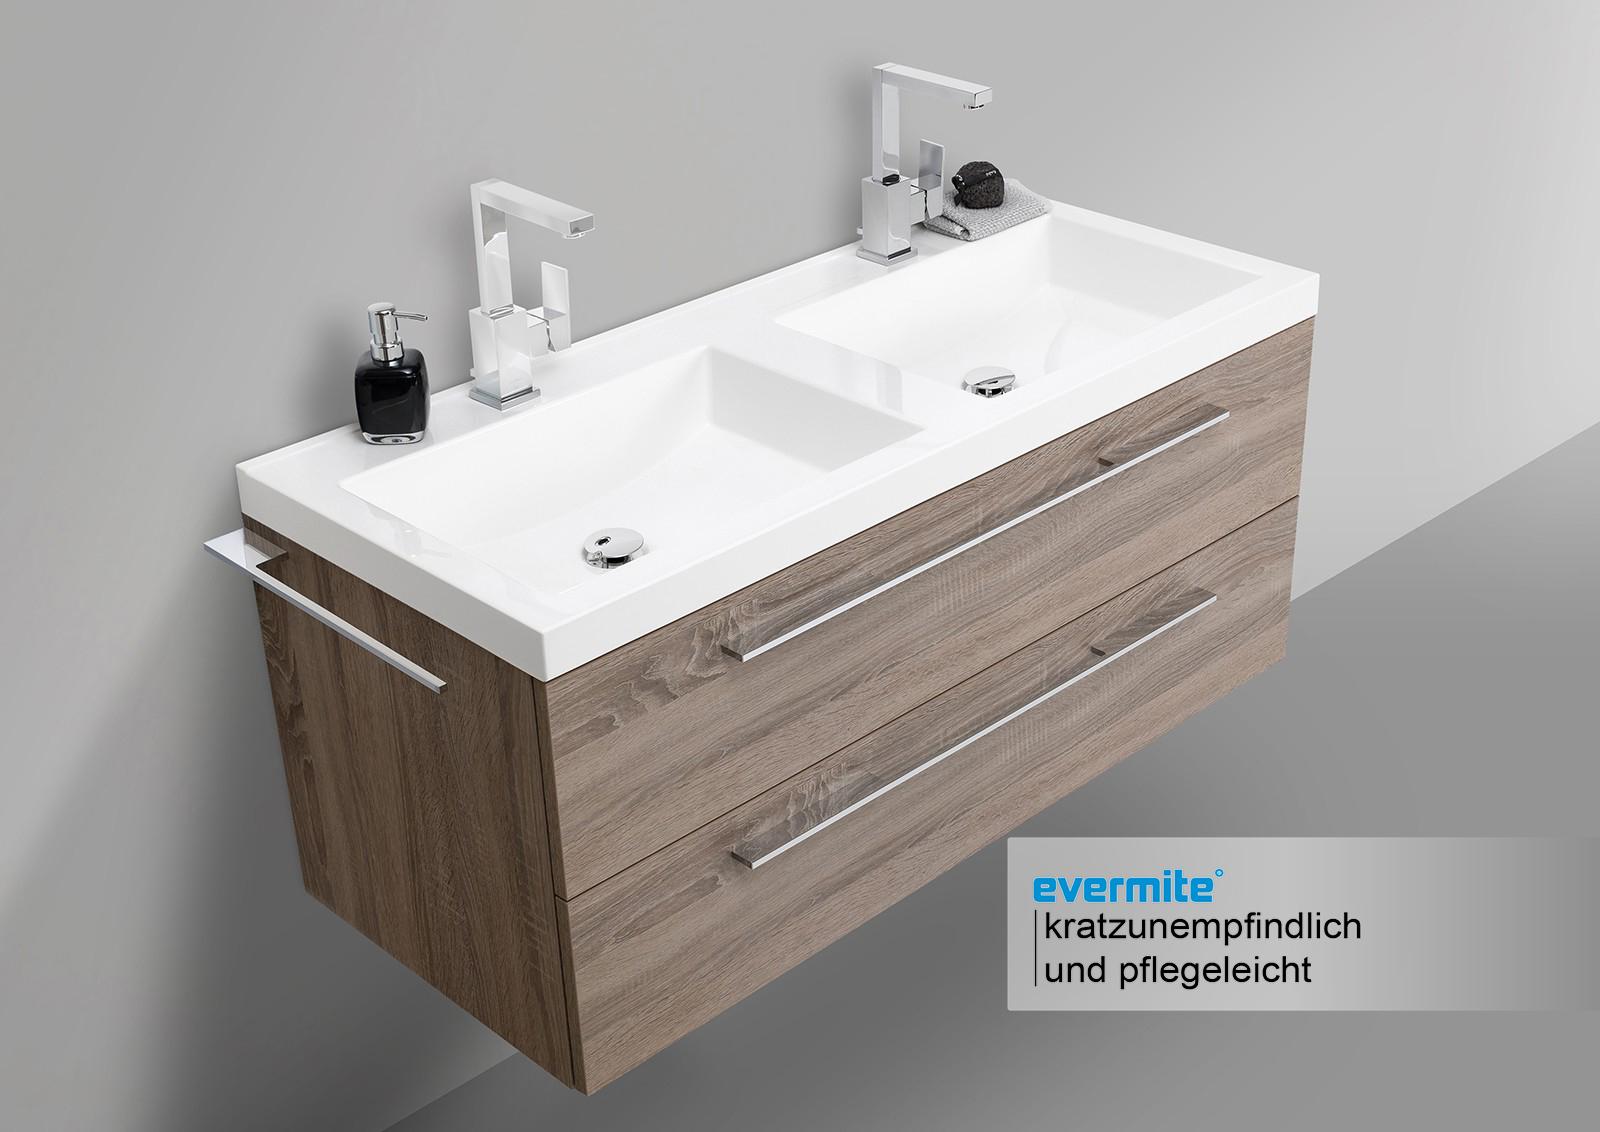 doppelwaschtisch 120 cm mit unterschrank evermite. Black Bedroom Furniture Sets. Home Design Ideas